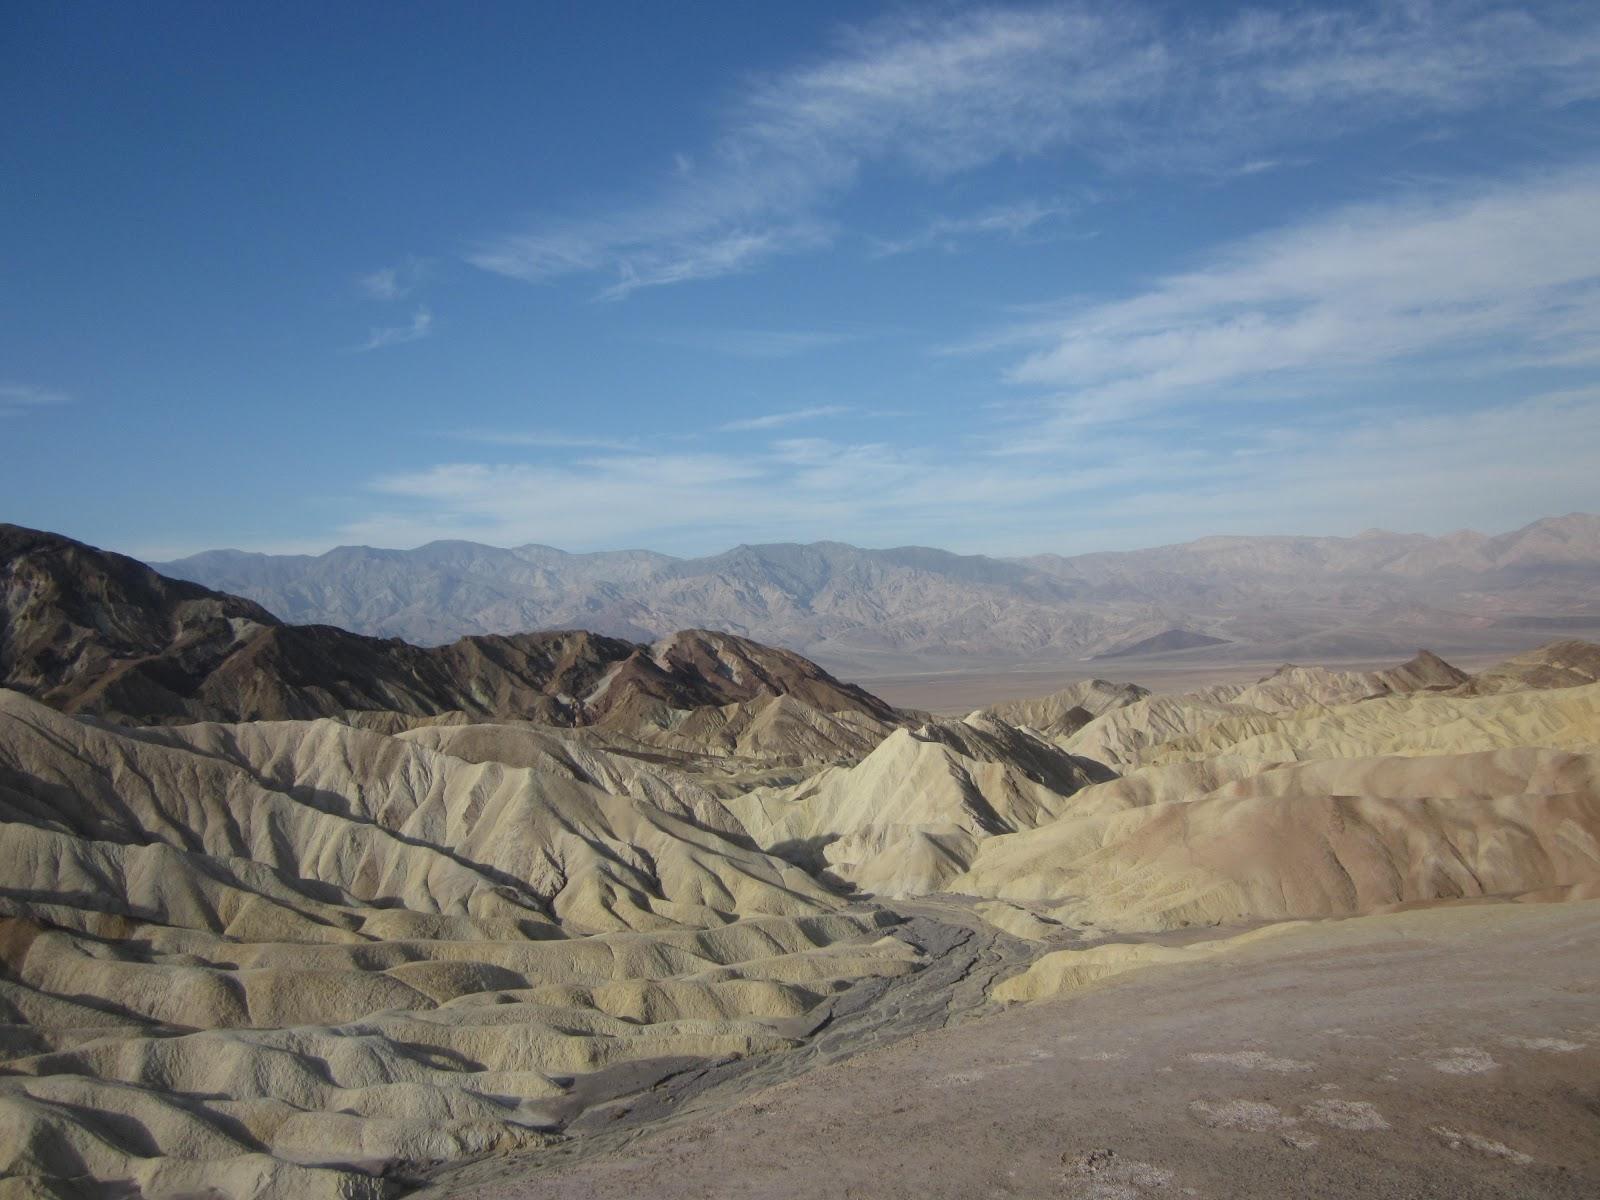 Biking Dantes View Death Valley - Zabriskie Point - colorful sand dunes